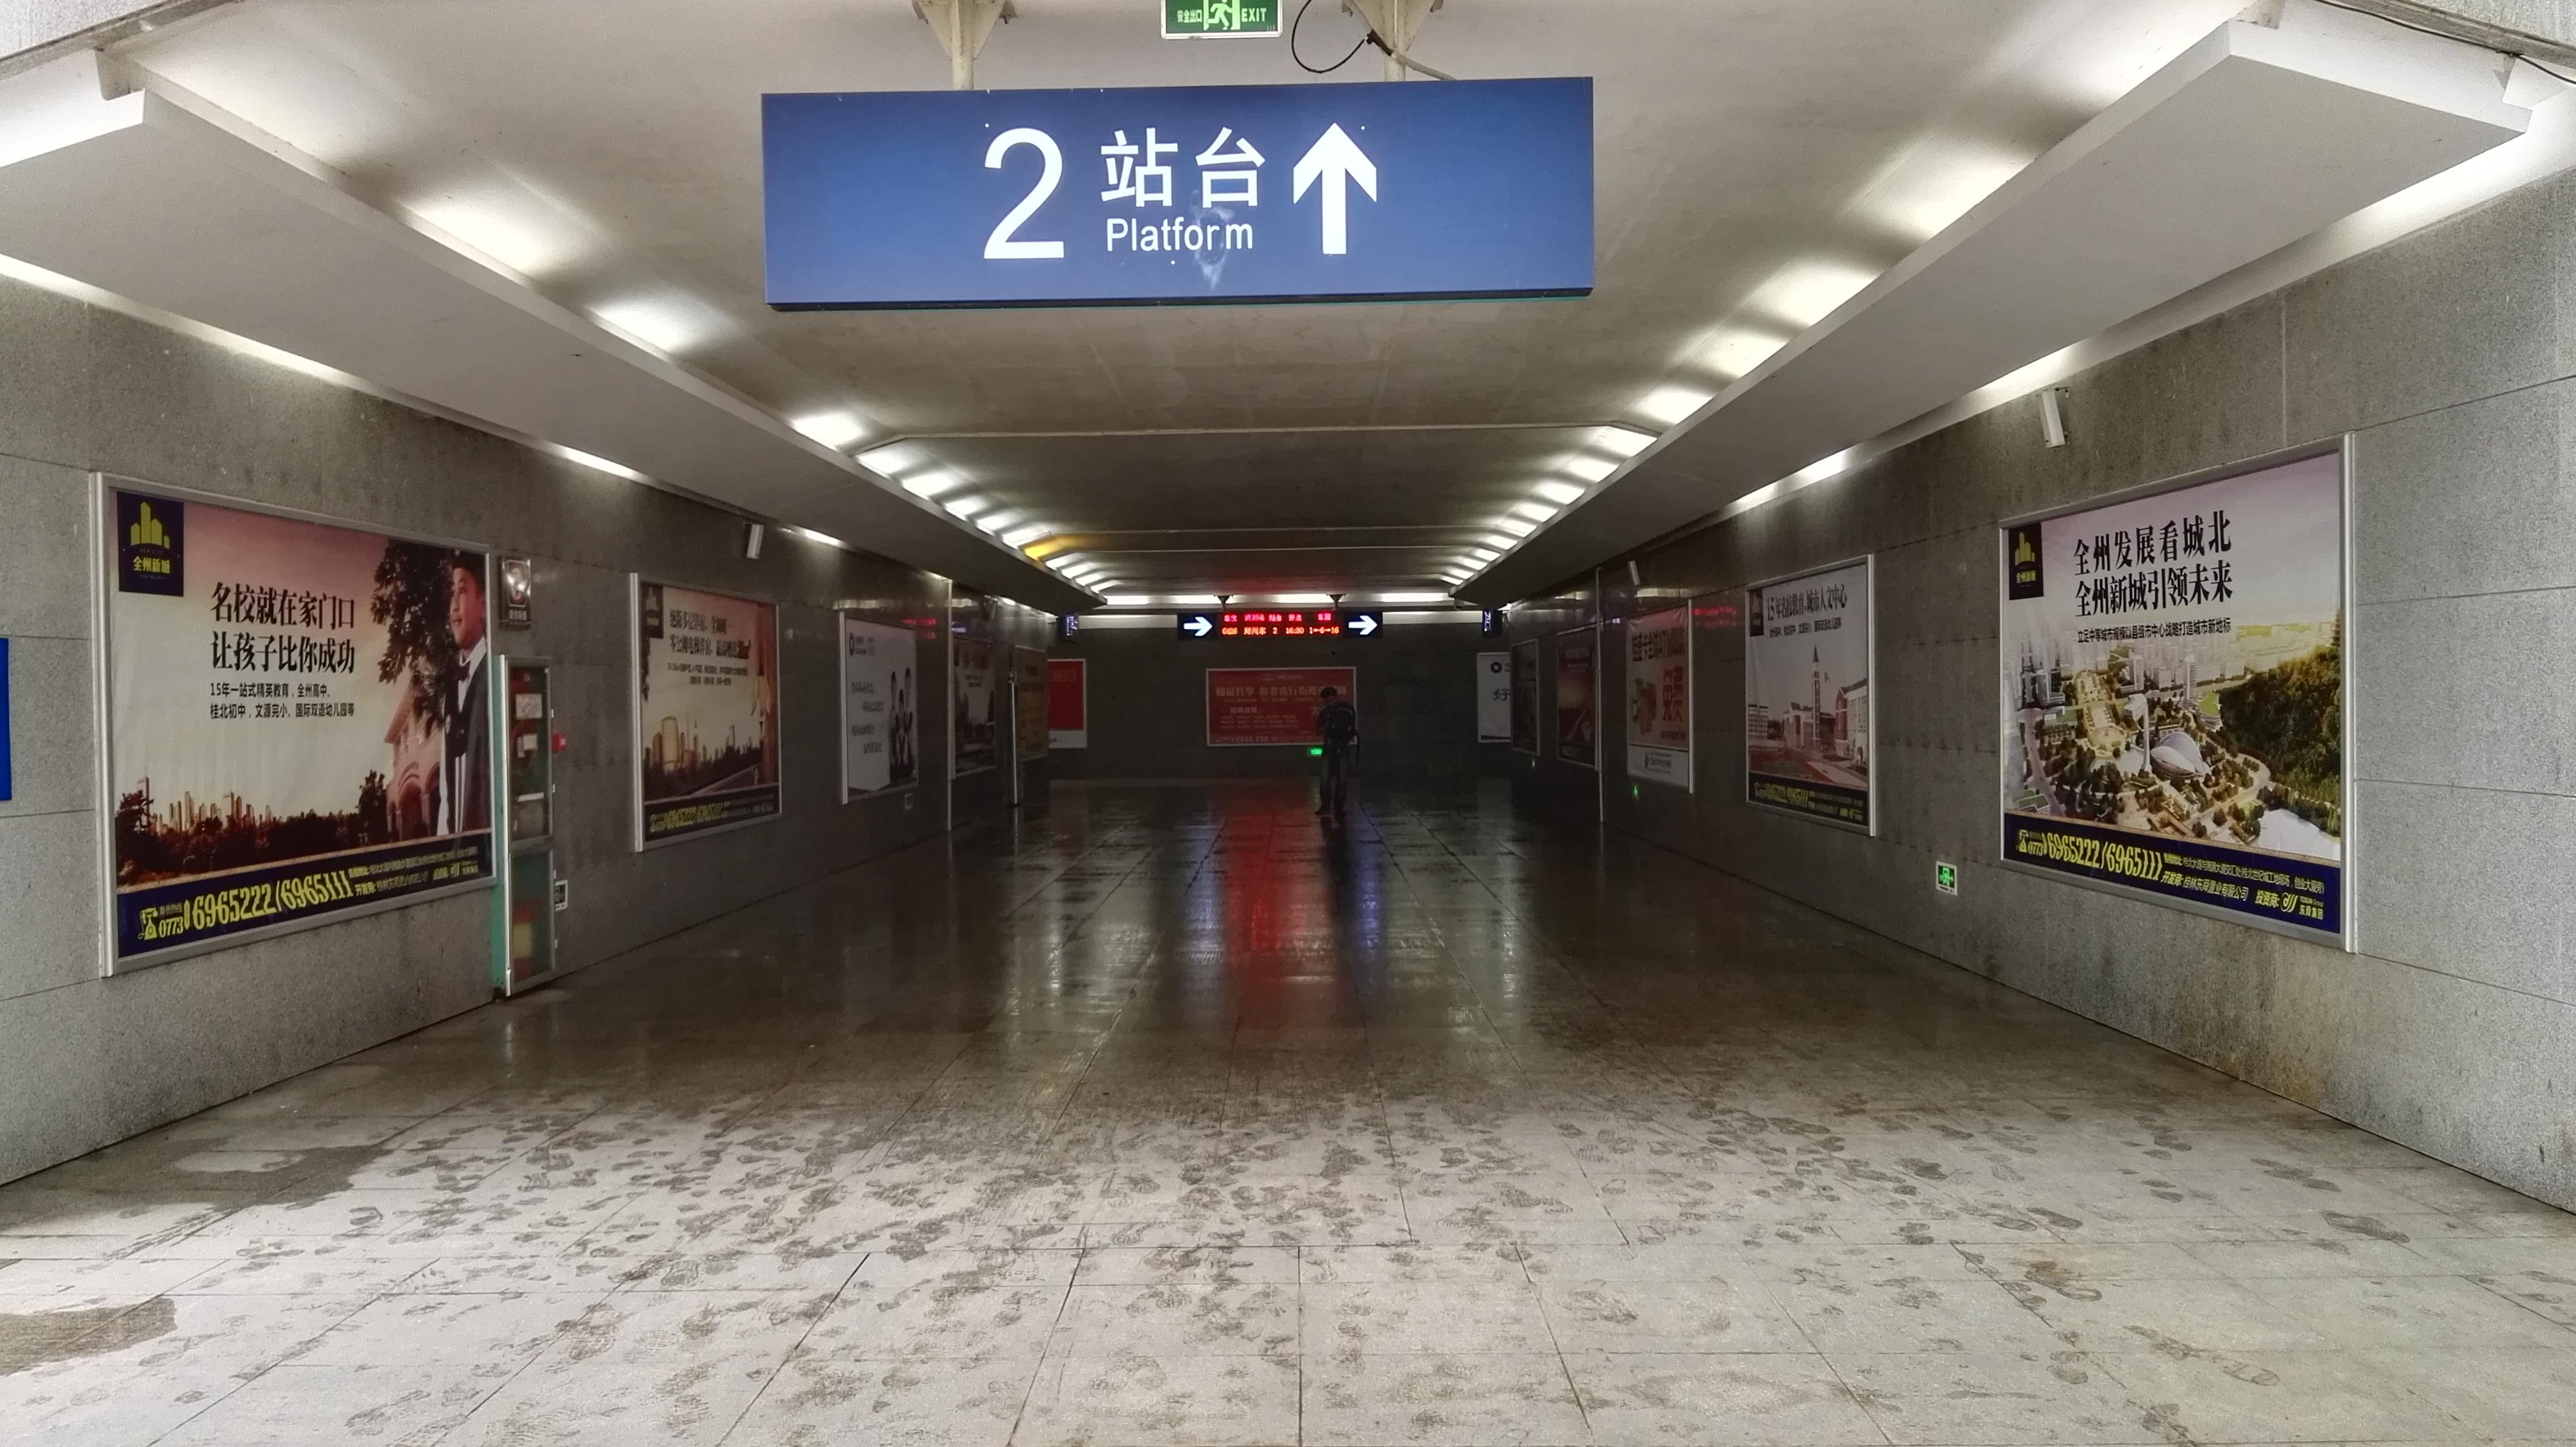 广西桂林市全州南站地下通道灯箱媒体广告位